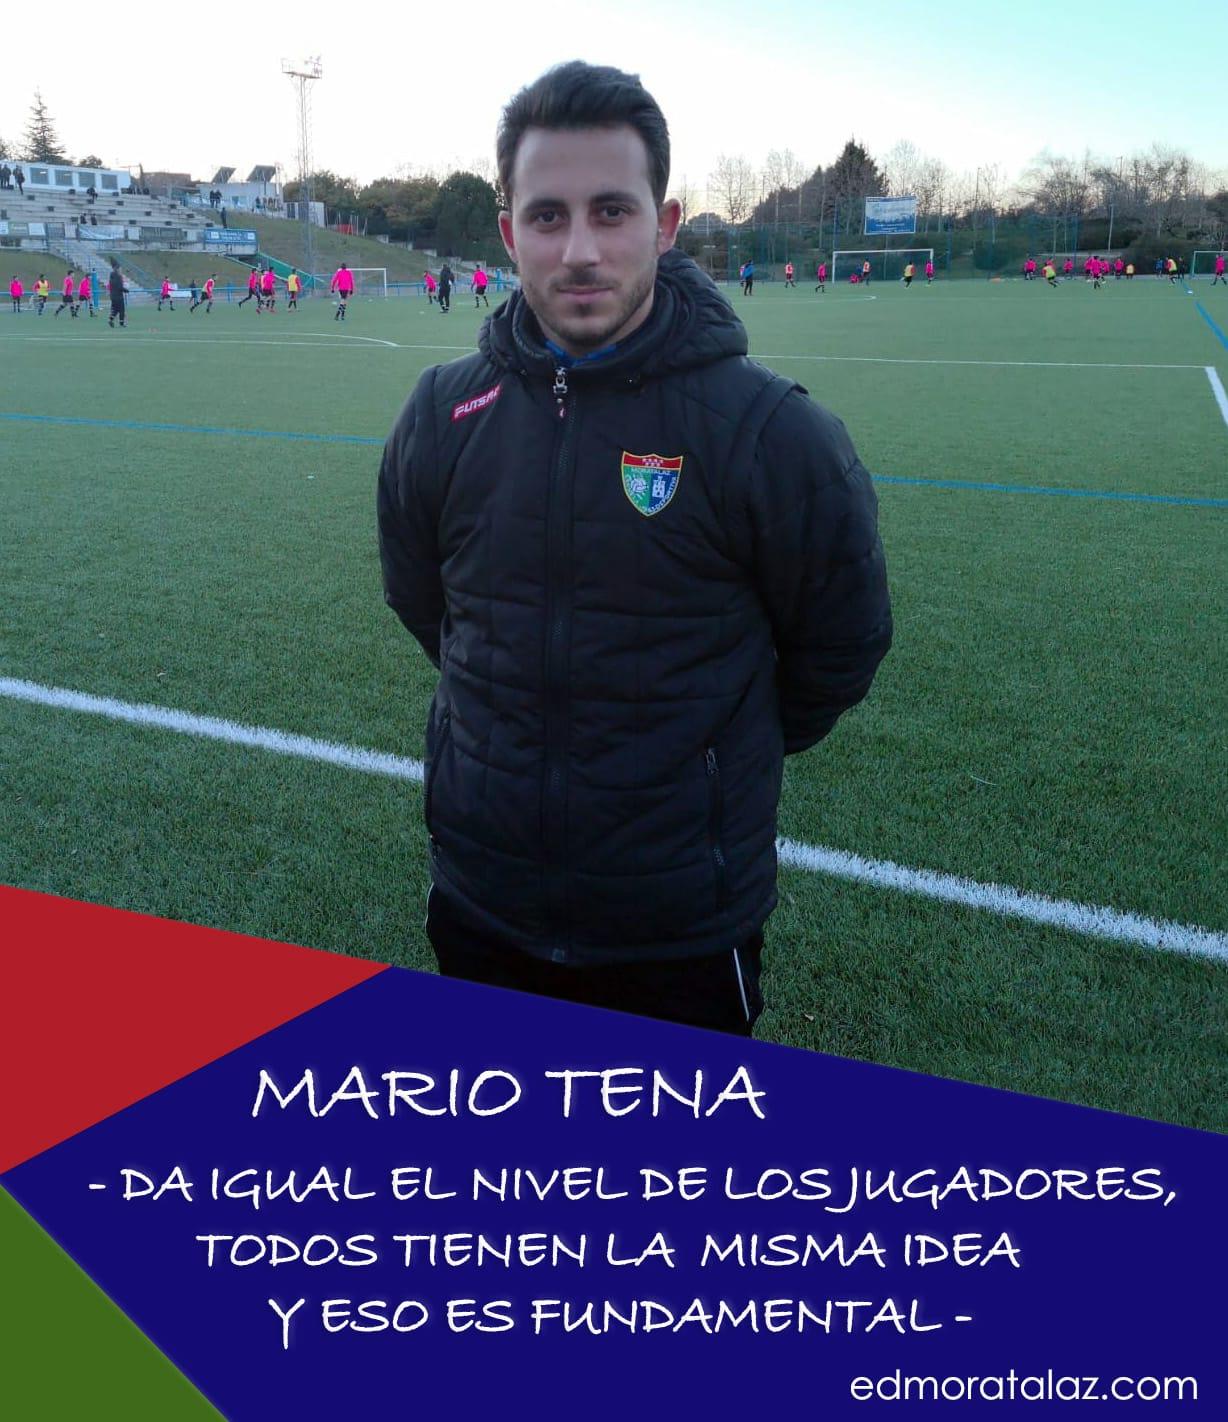 """Mario Tena: """"Da igual el nivel de los jugadores, todos tienen la misma idea y eso es fundamental"""""""